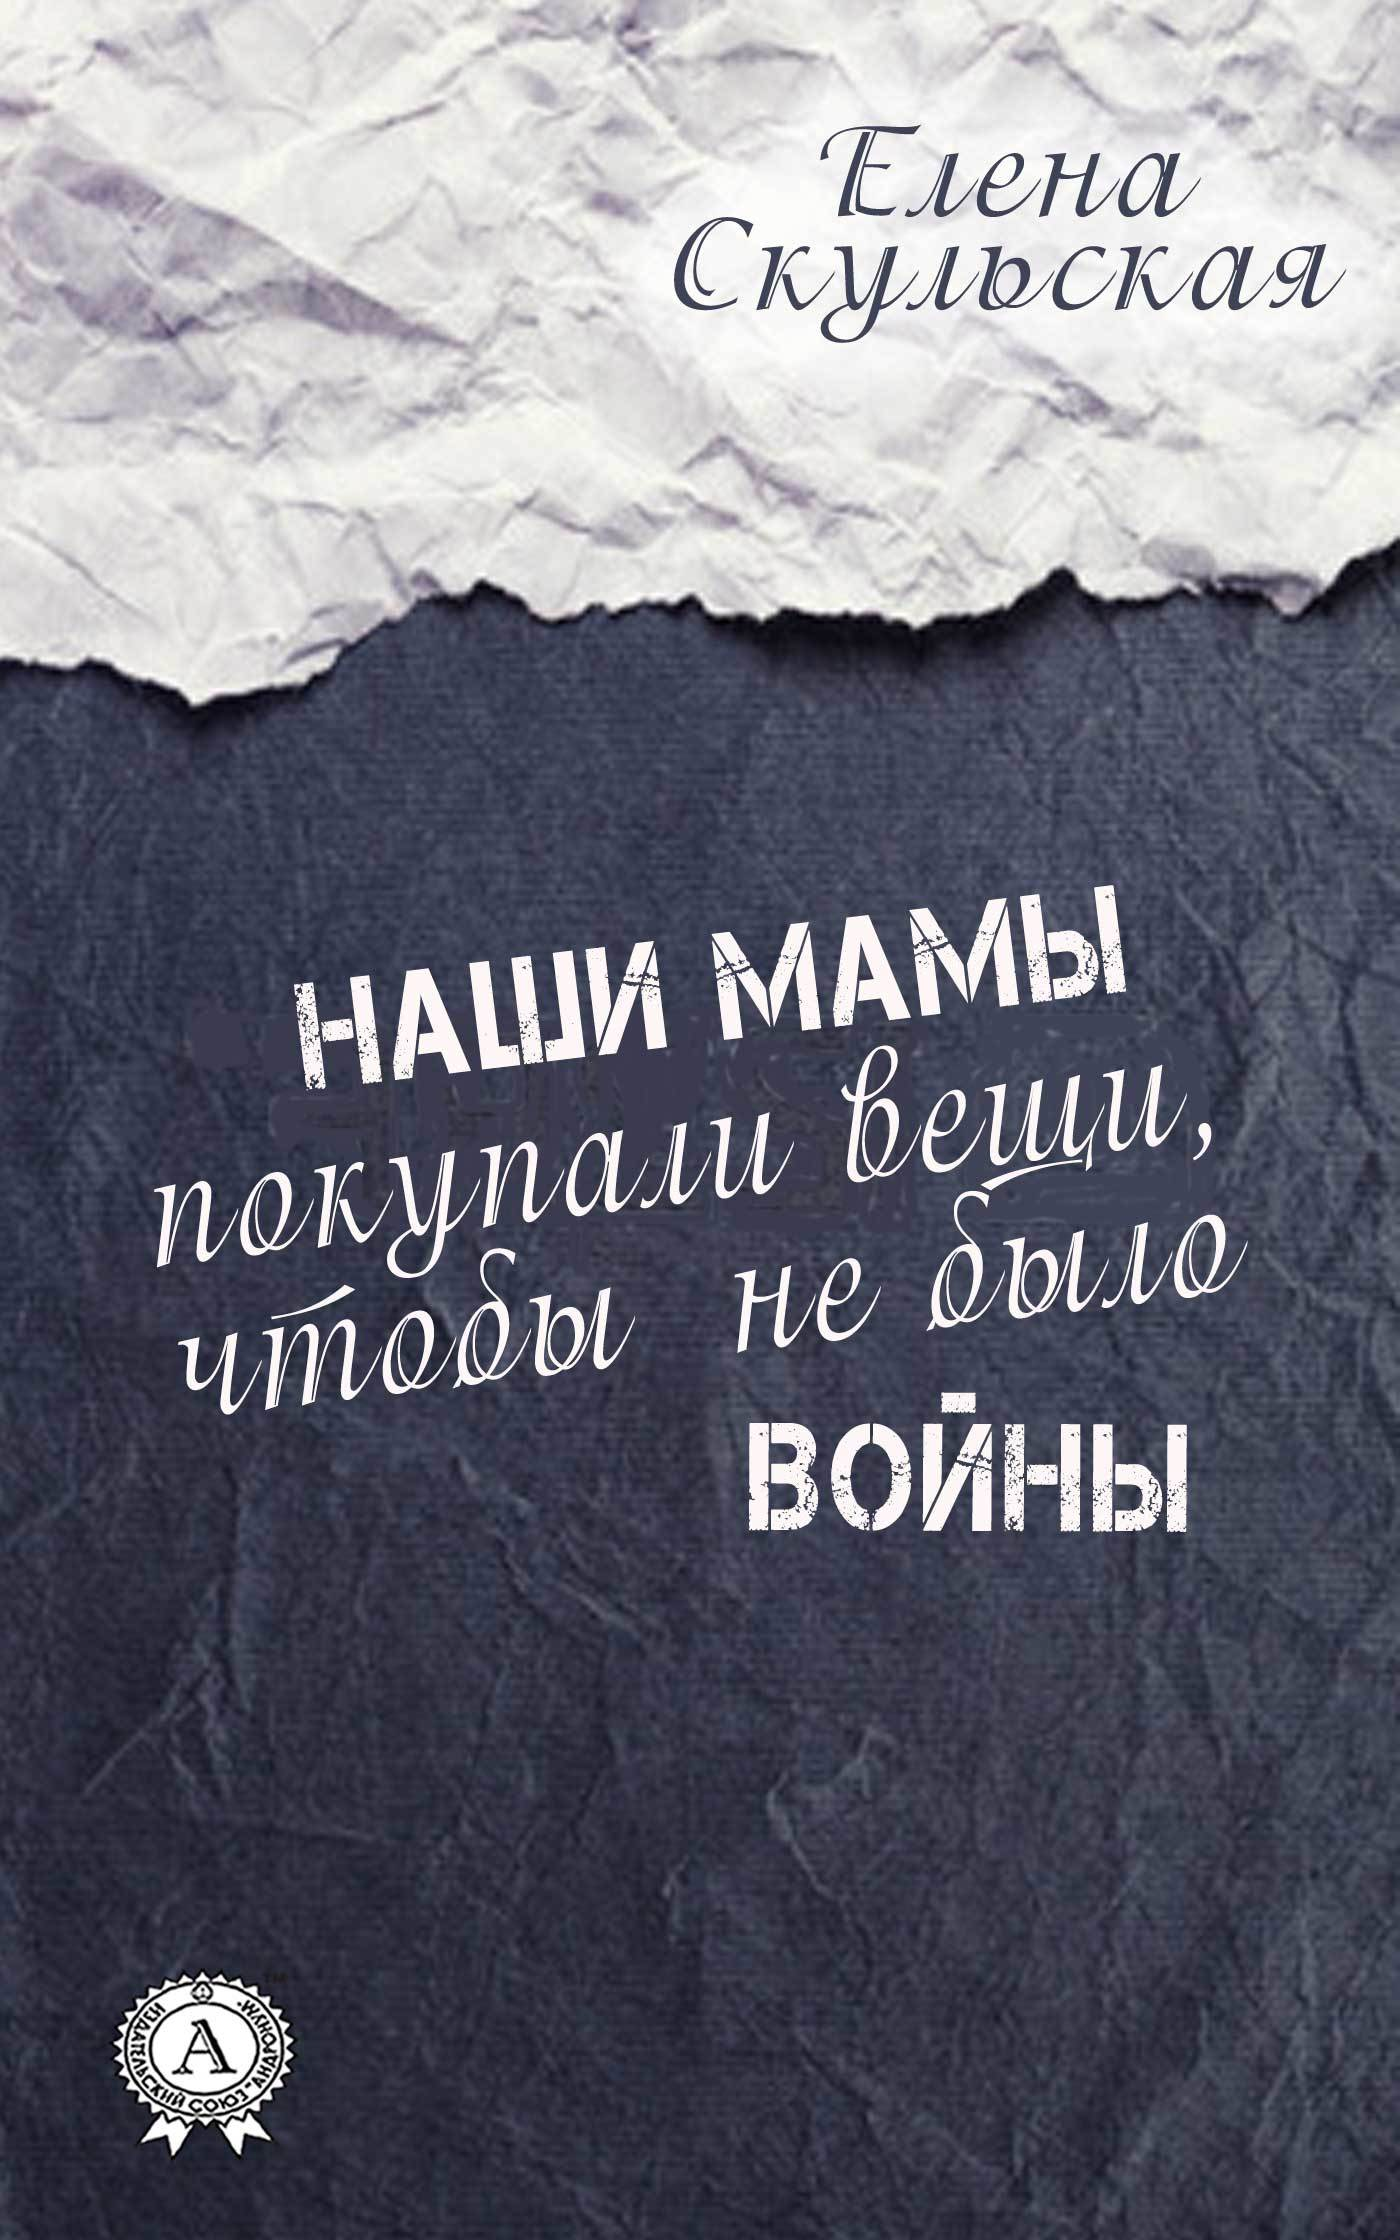 Елена Скульская Наши мамы покупали вещи, чтобы не было войны